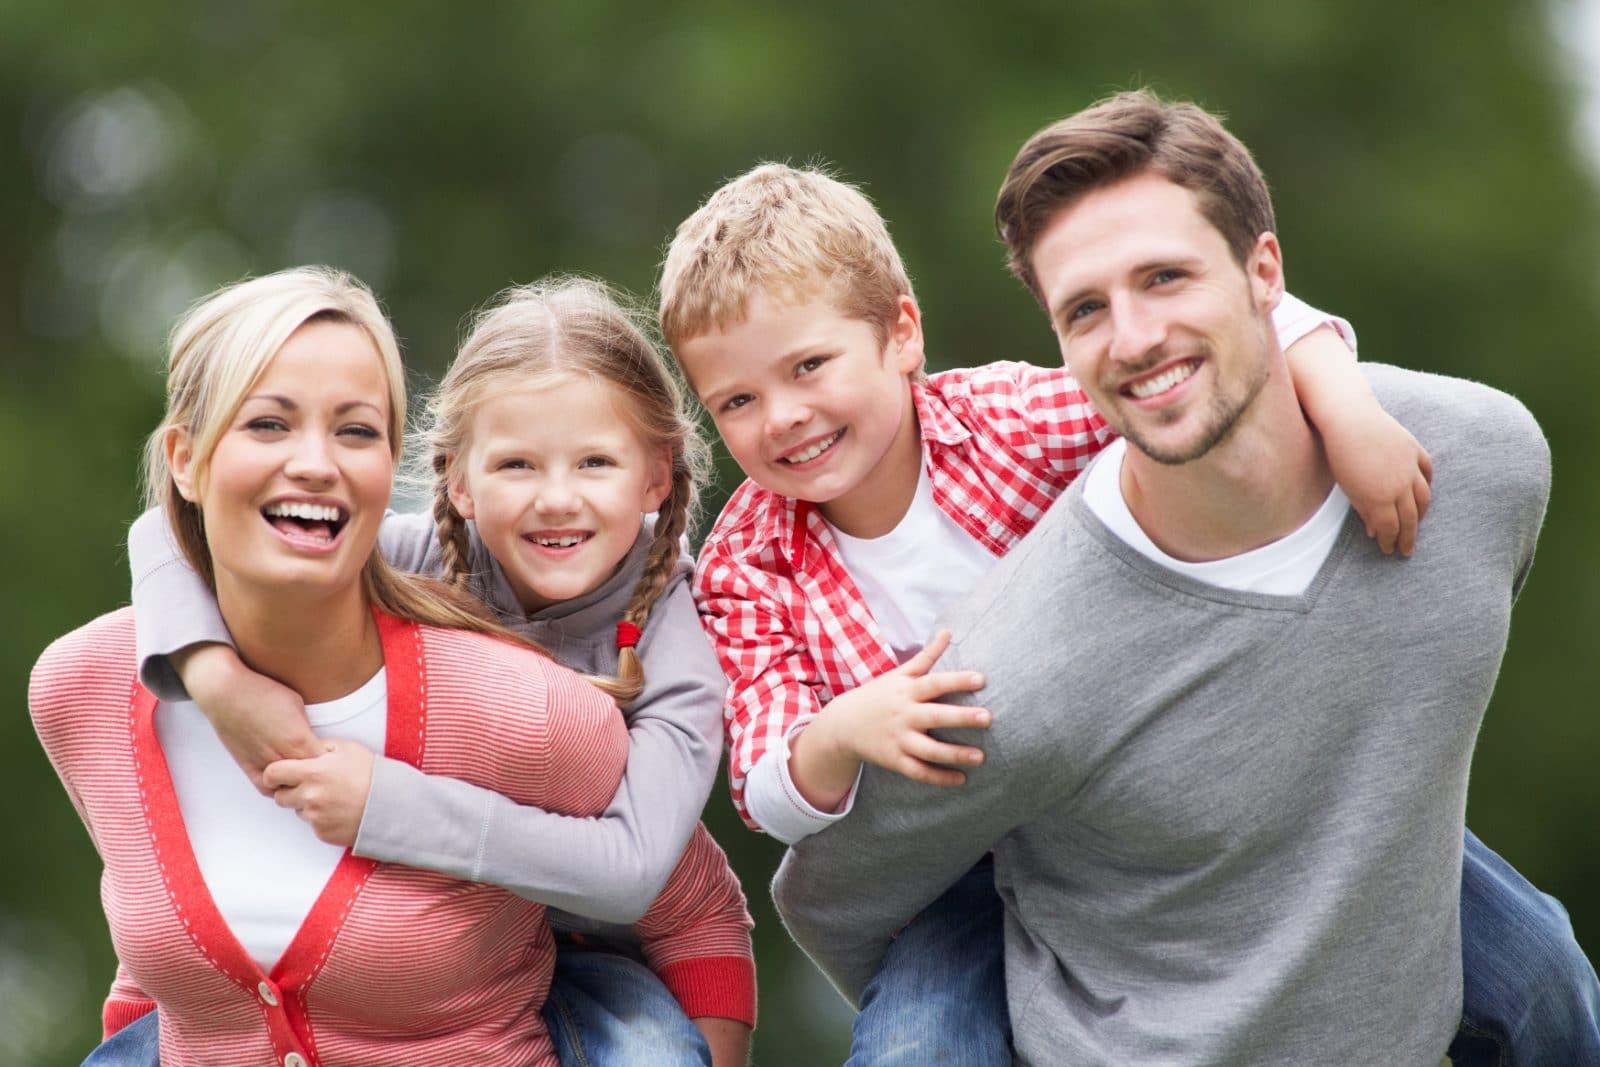 family fun 3-3-2014